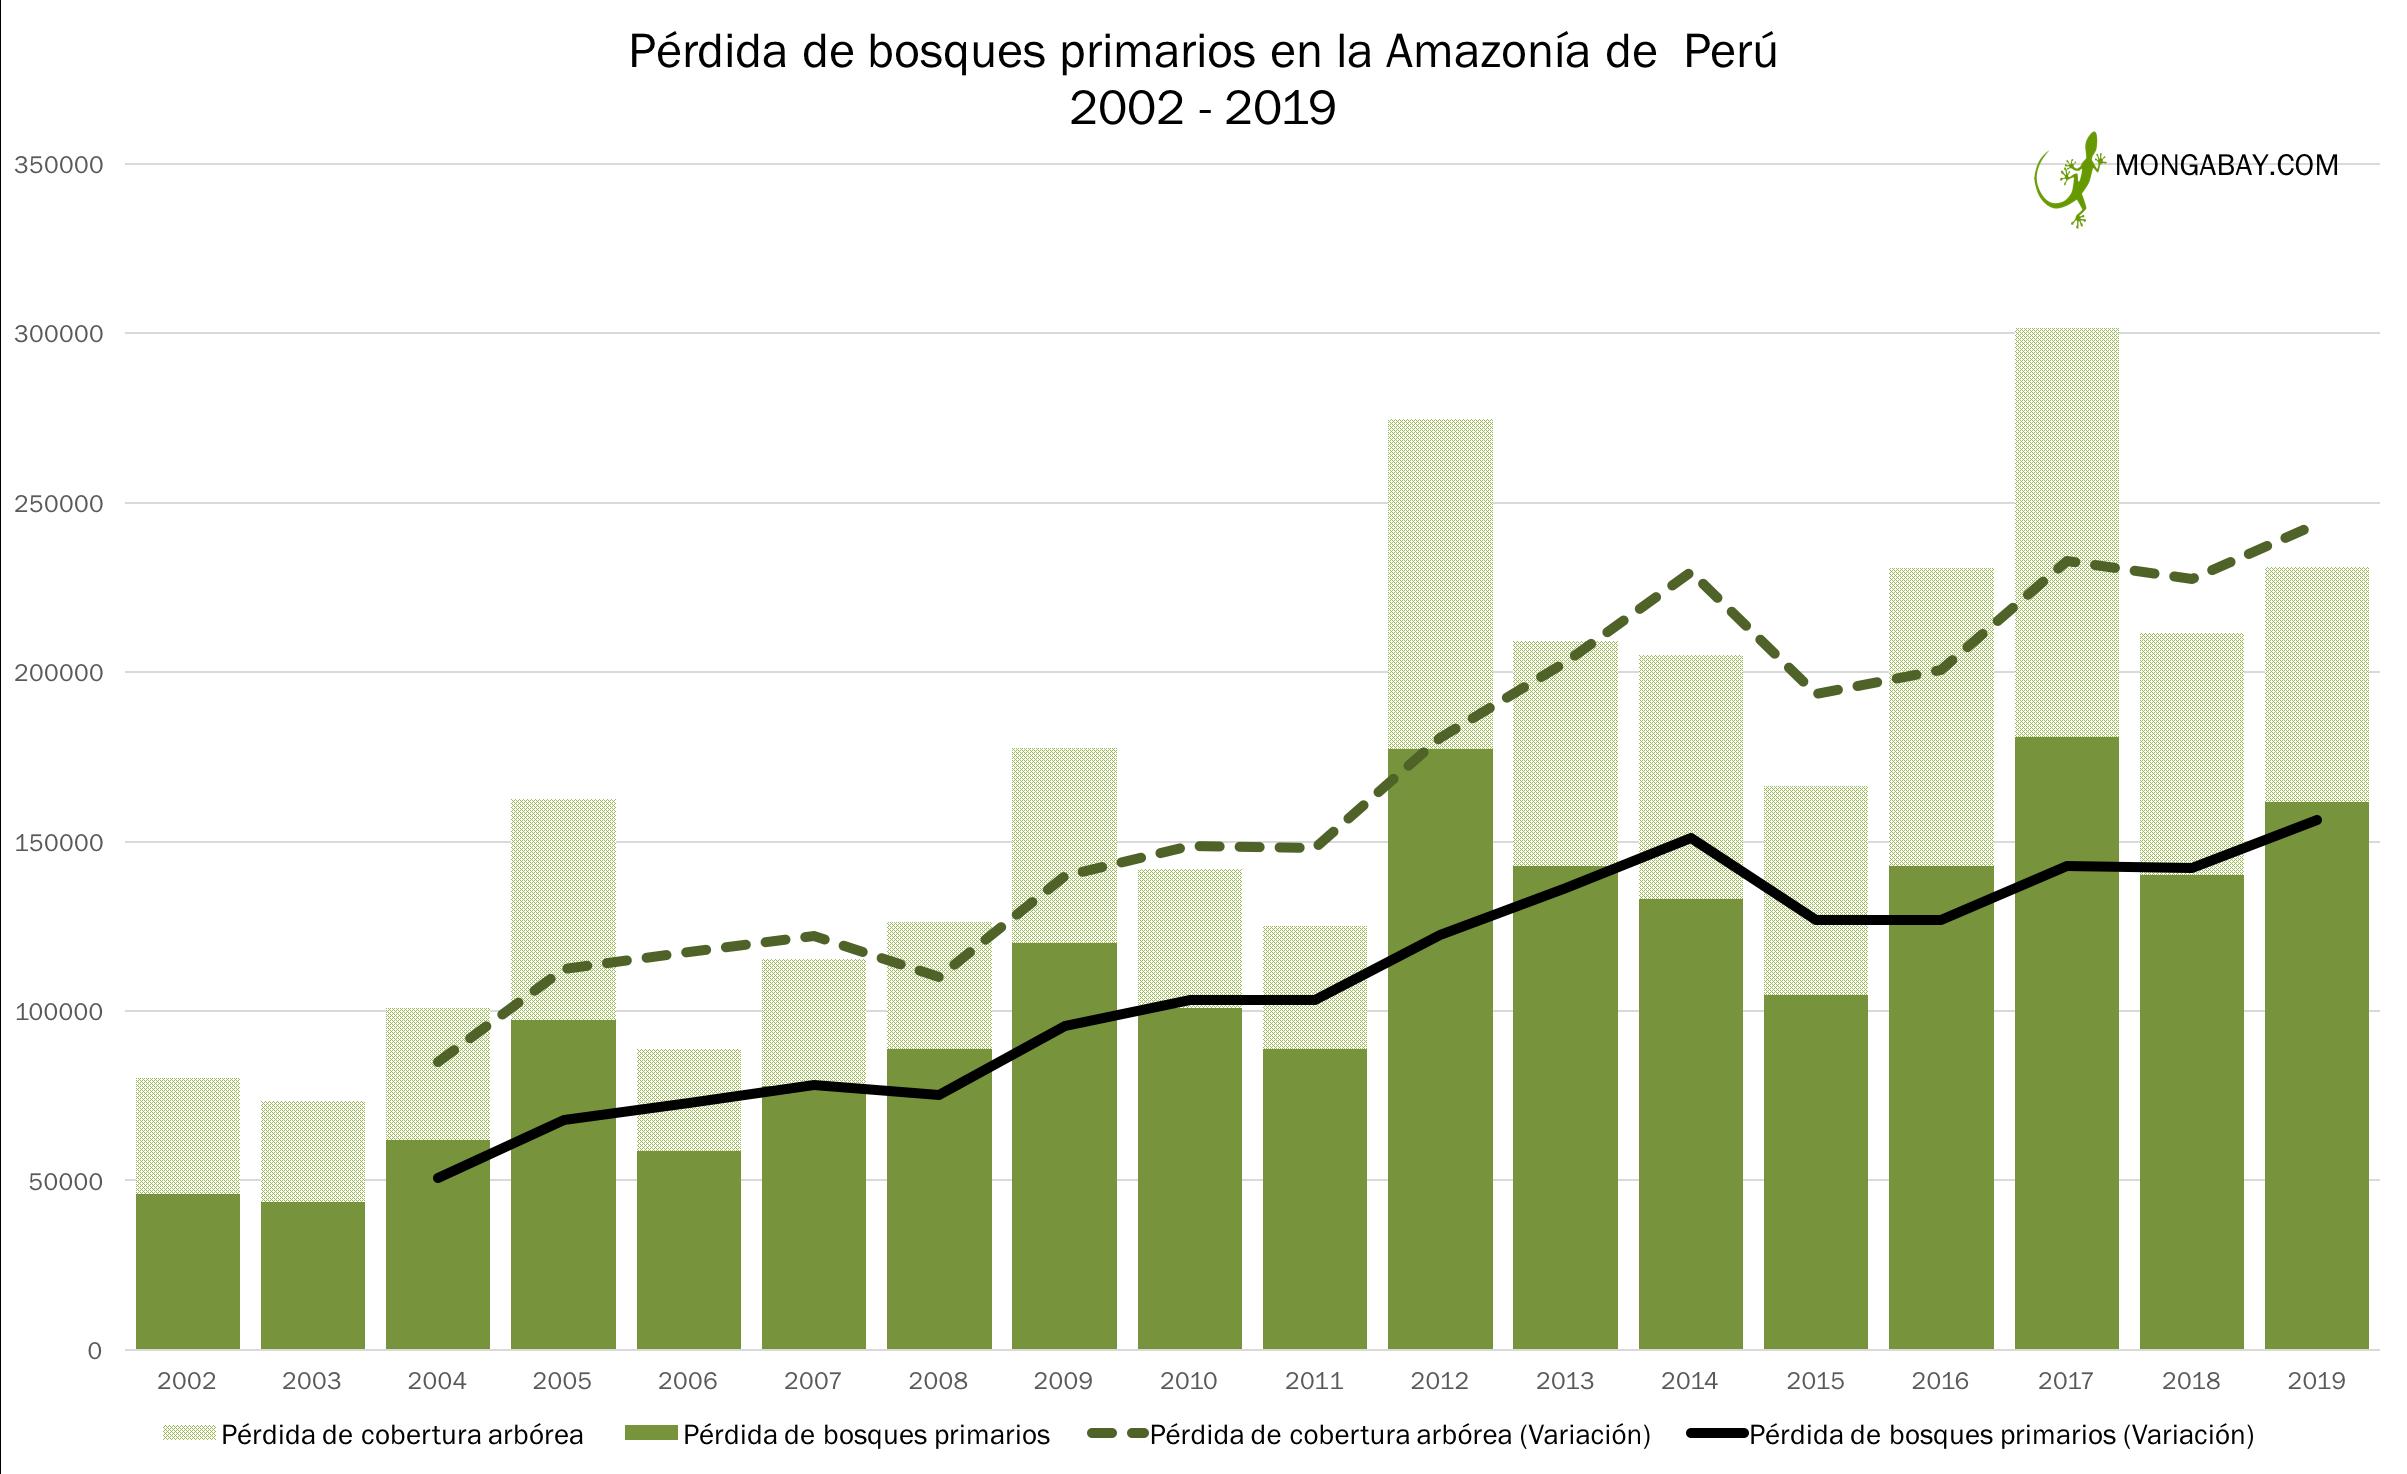 Cuadro muestra cantidad de bosques primarios perdidos en la Amazonía peruana. Fuente: Elaboración de Mongabay.